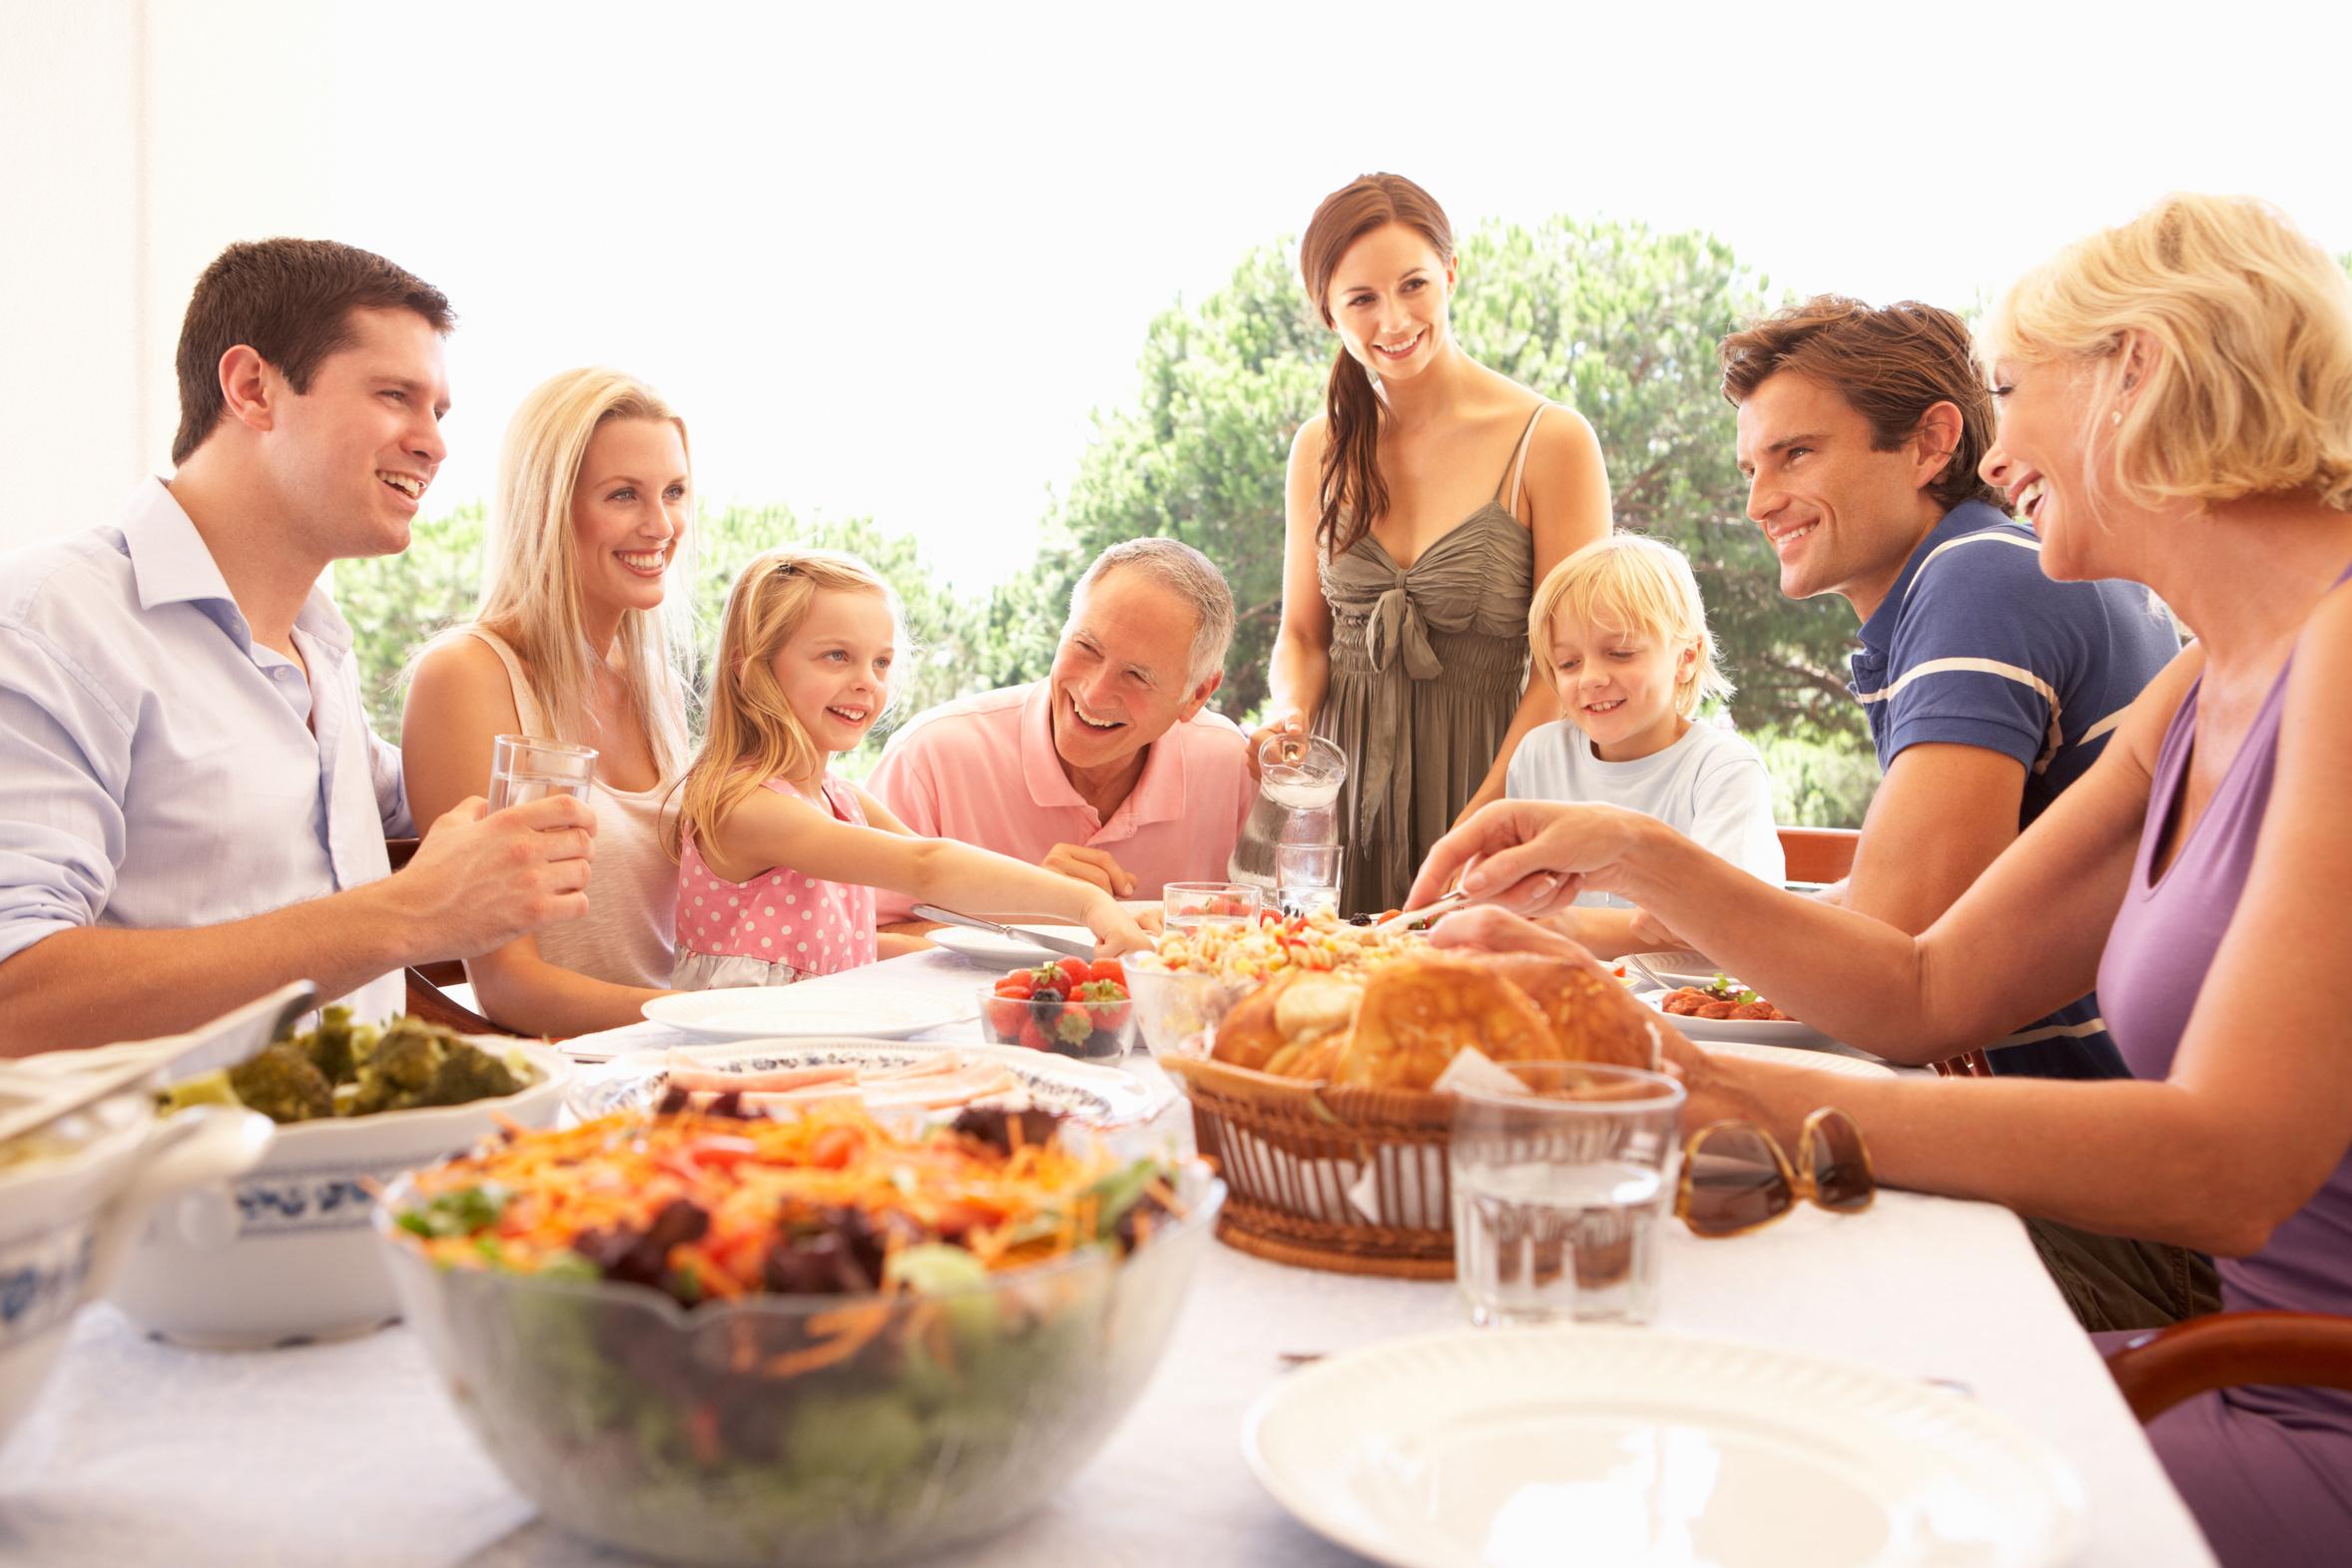 Les activités divertissantes qui permettent de renforcer les liens familiaux